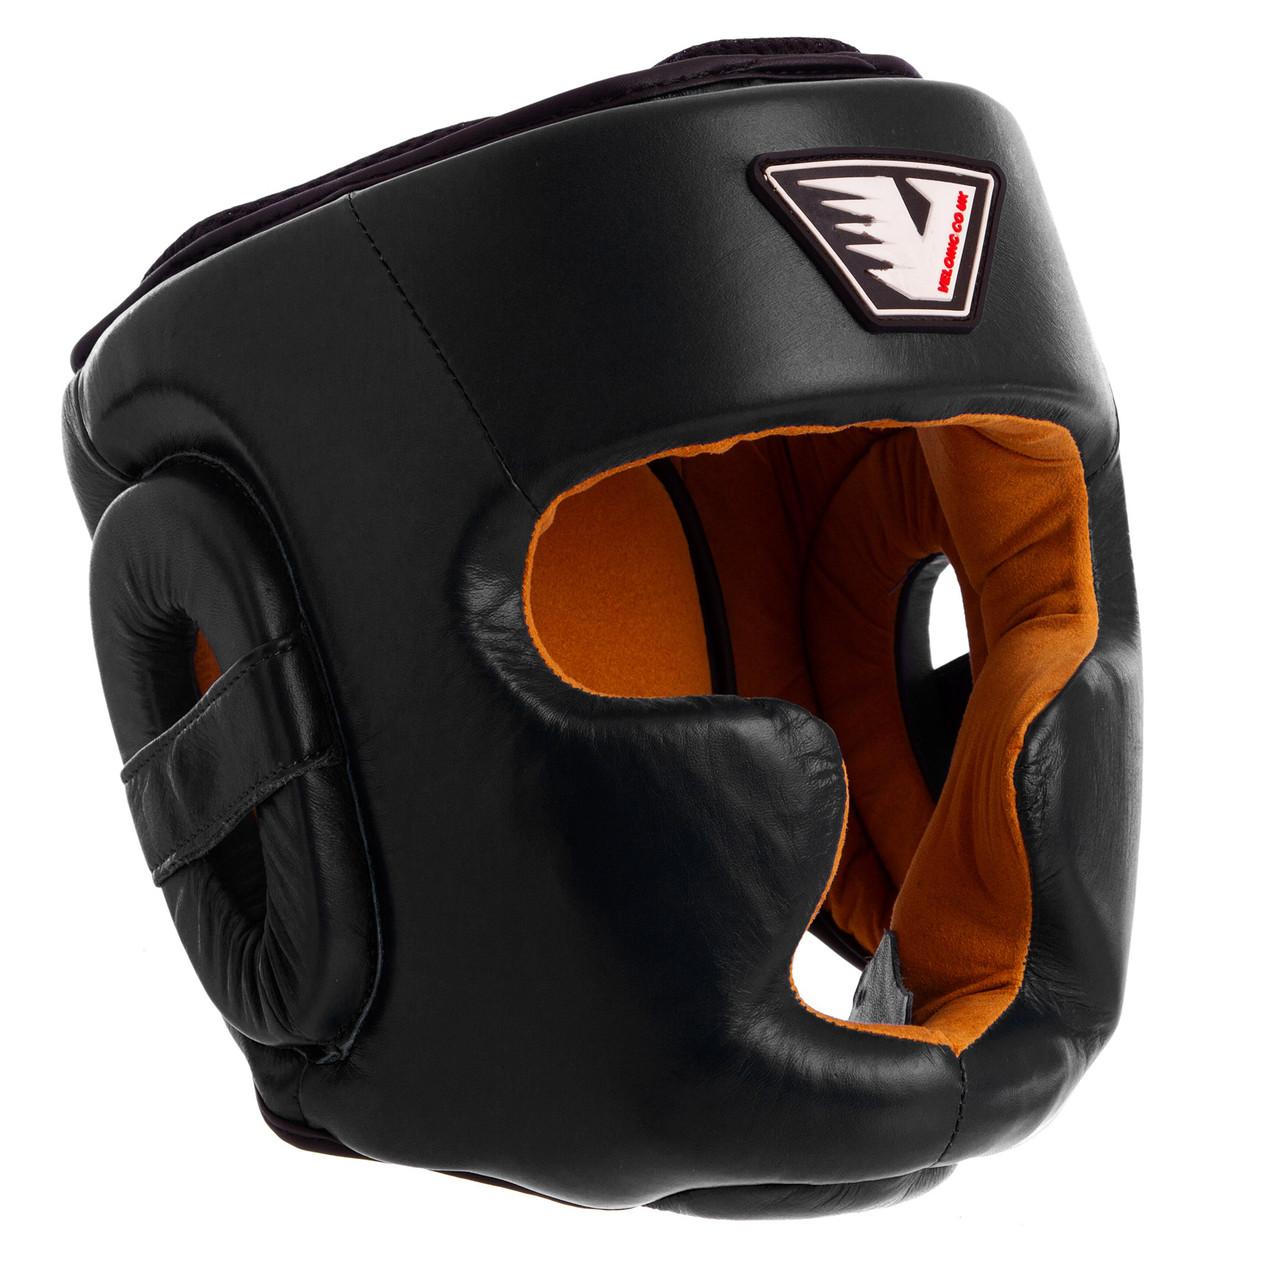 Шлем для бокса кожаный закрытый с полной защитой черный VELO VL-8193